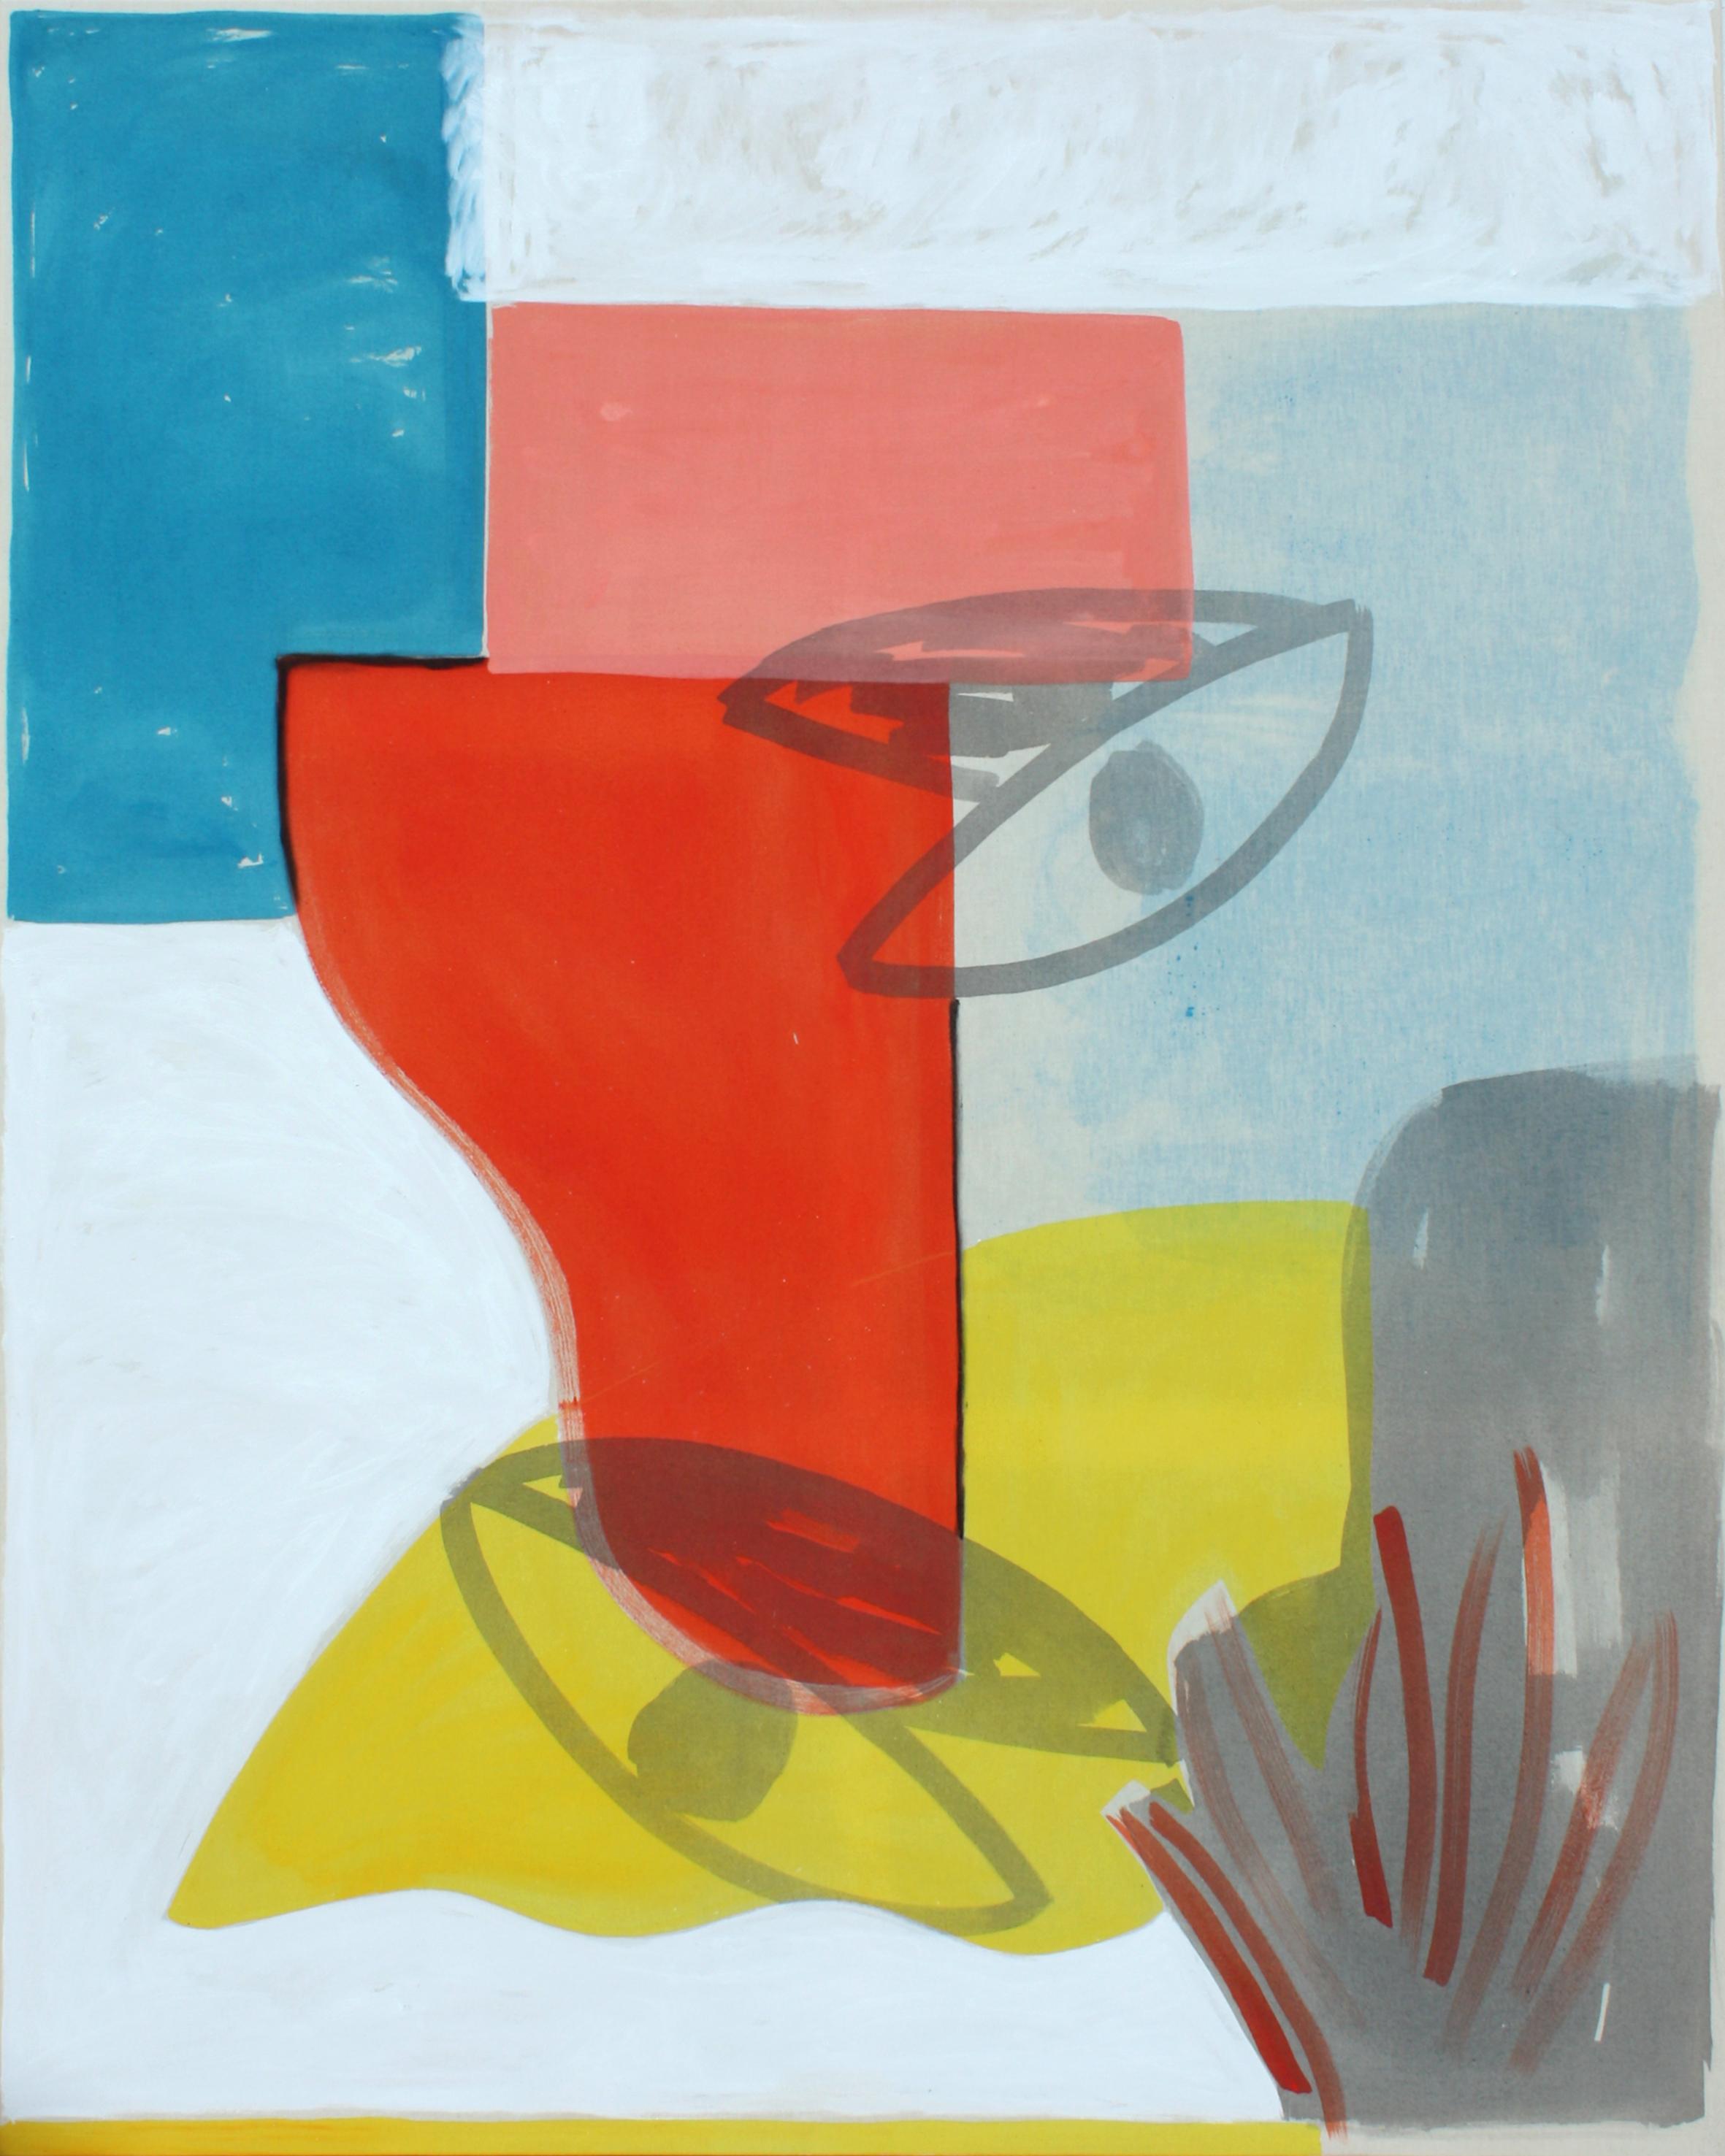 Asleep, oil and acrylic on canvas, 150 x 120 cm